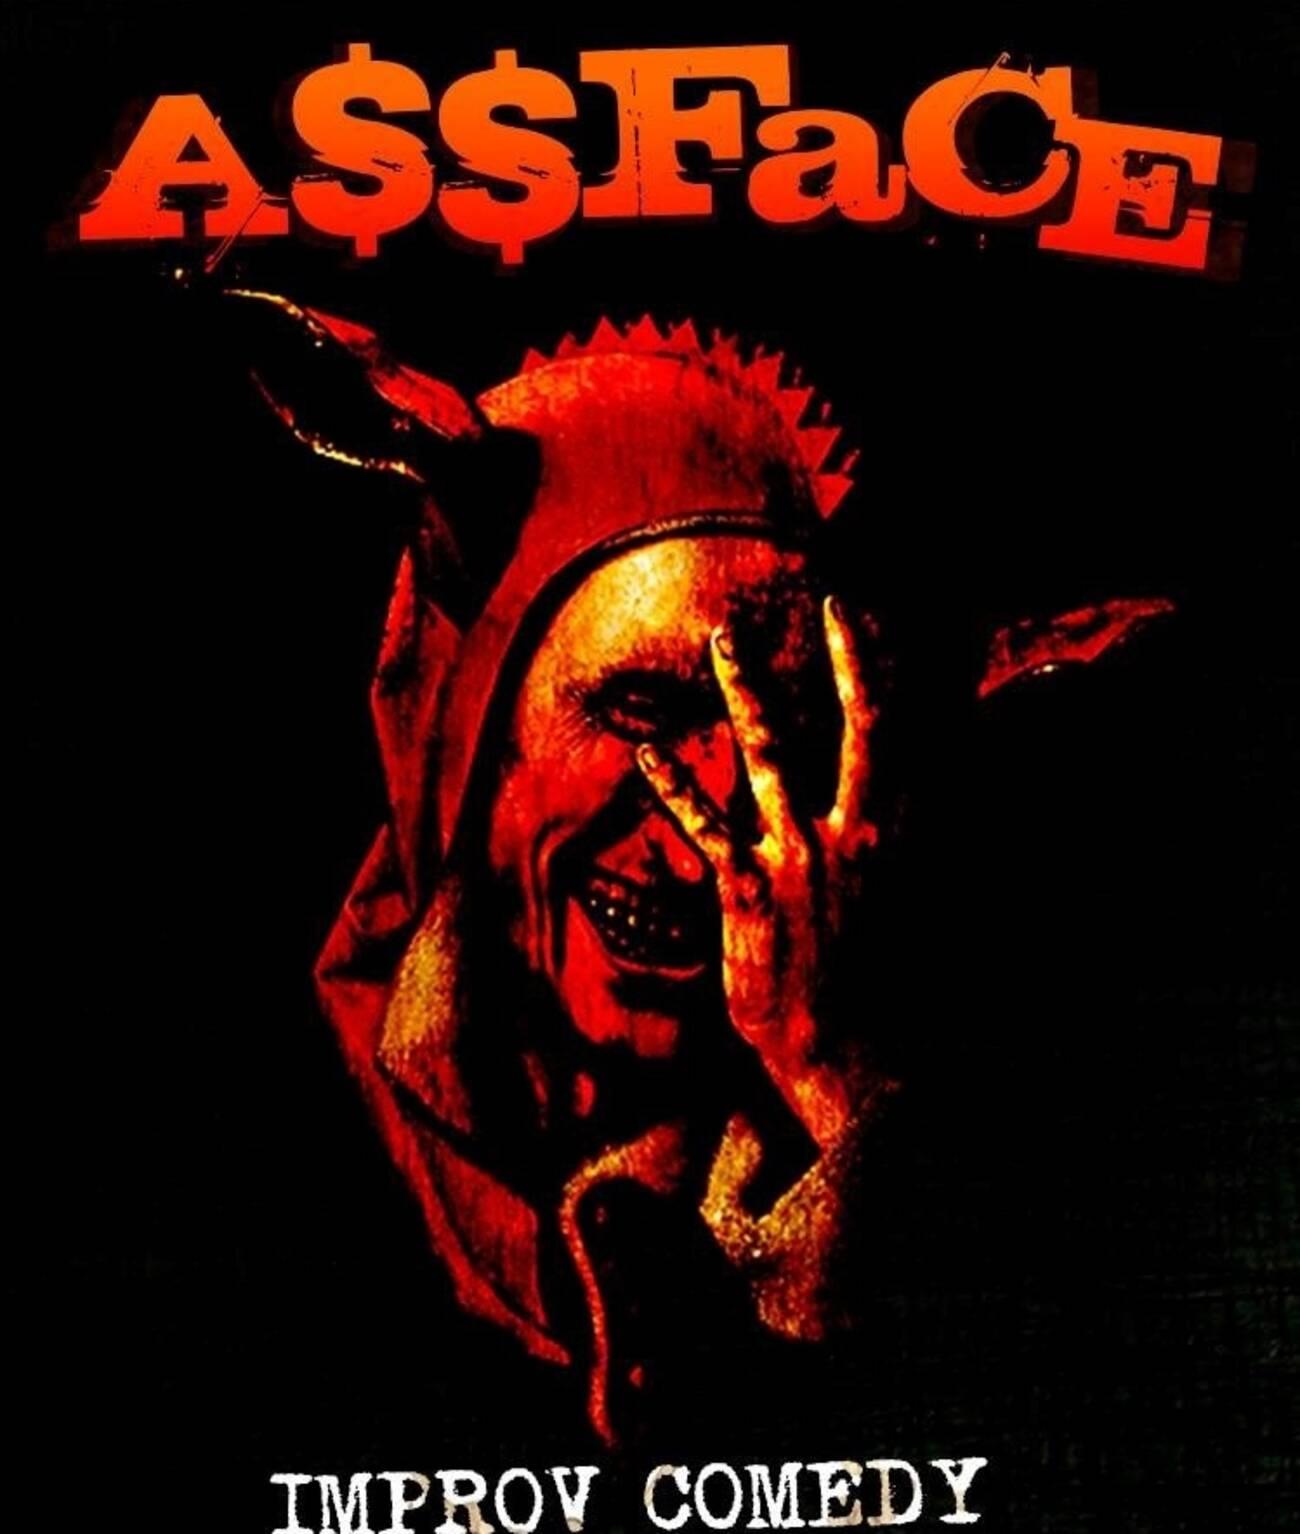 Assface